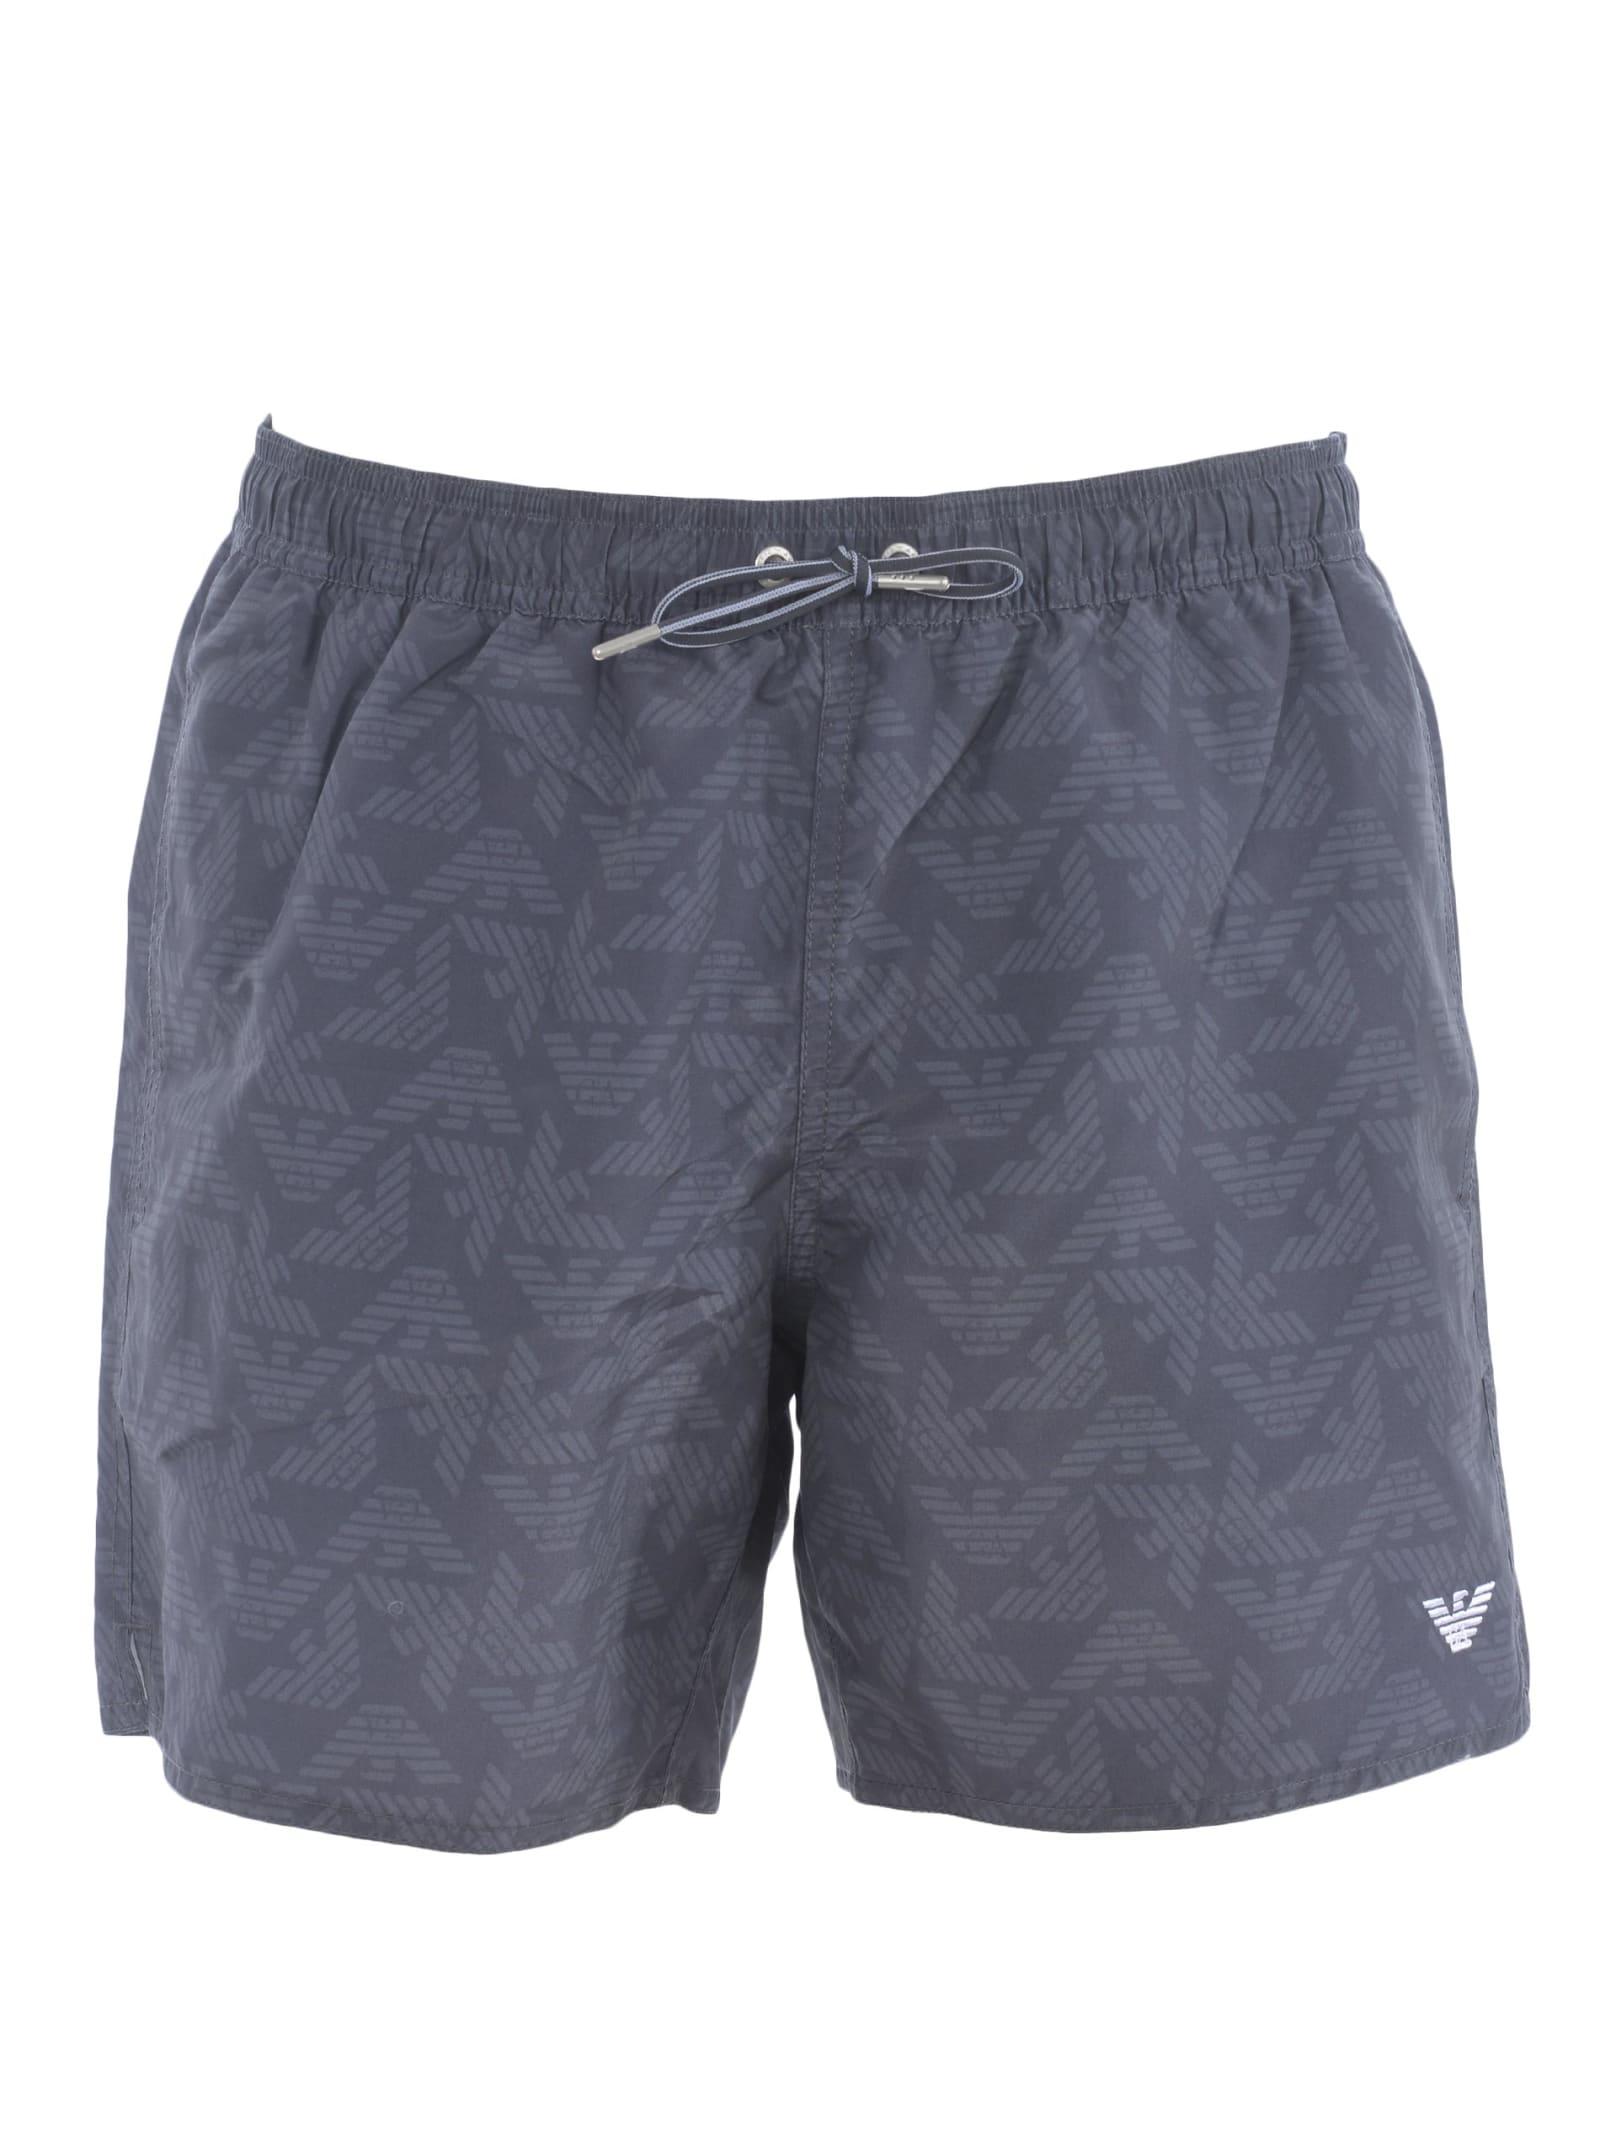 Emporio Armani Swimwear